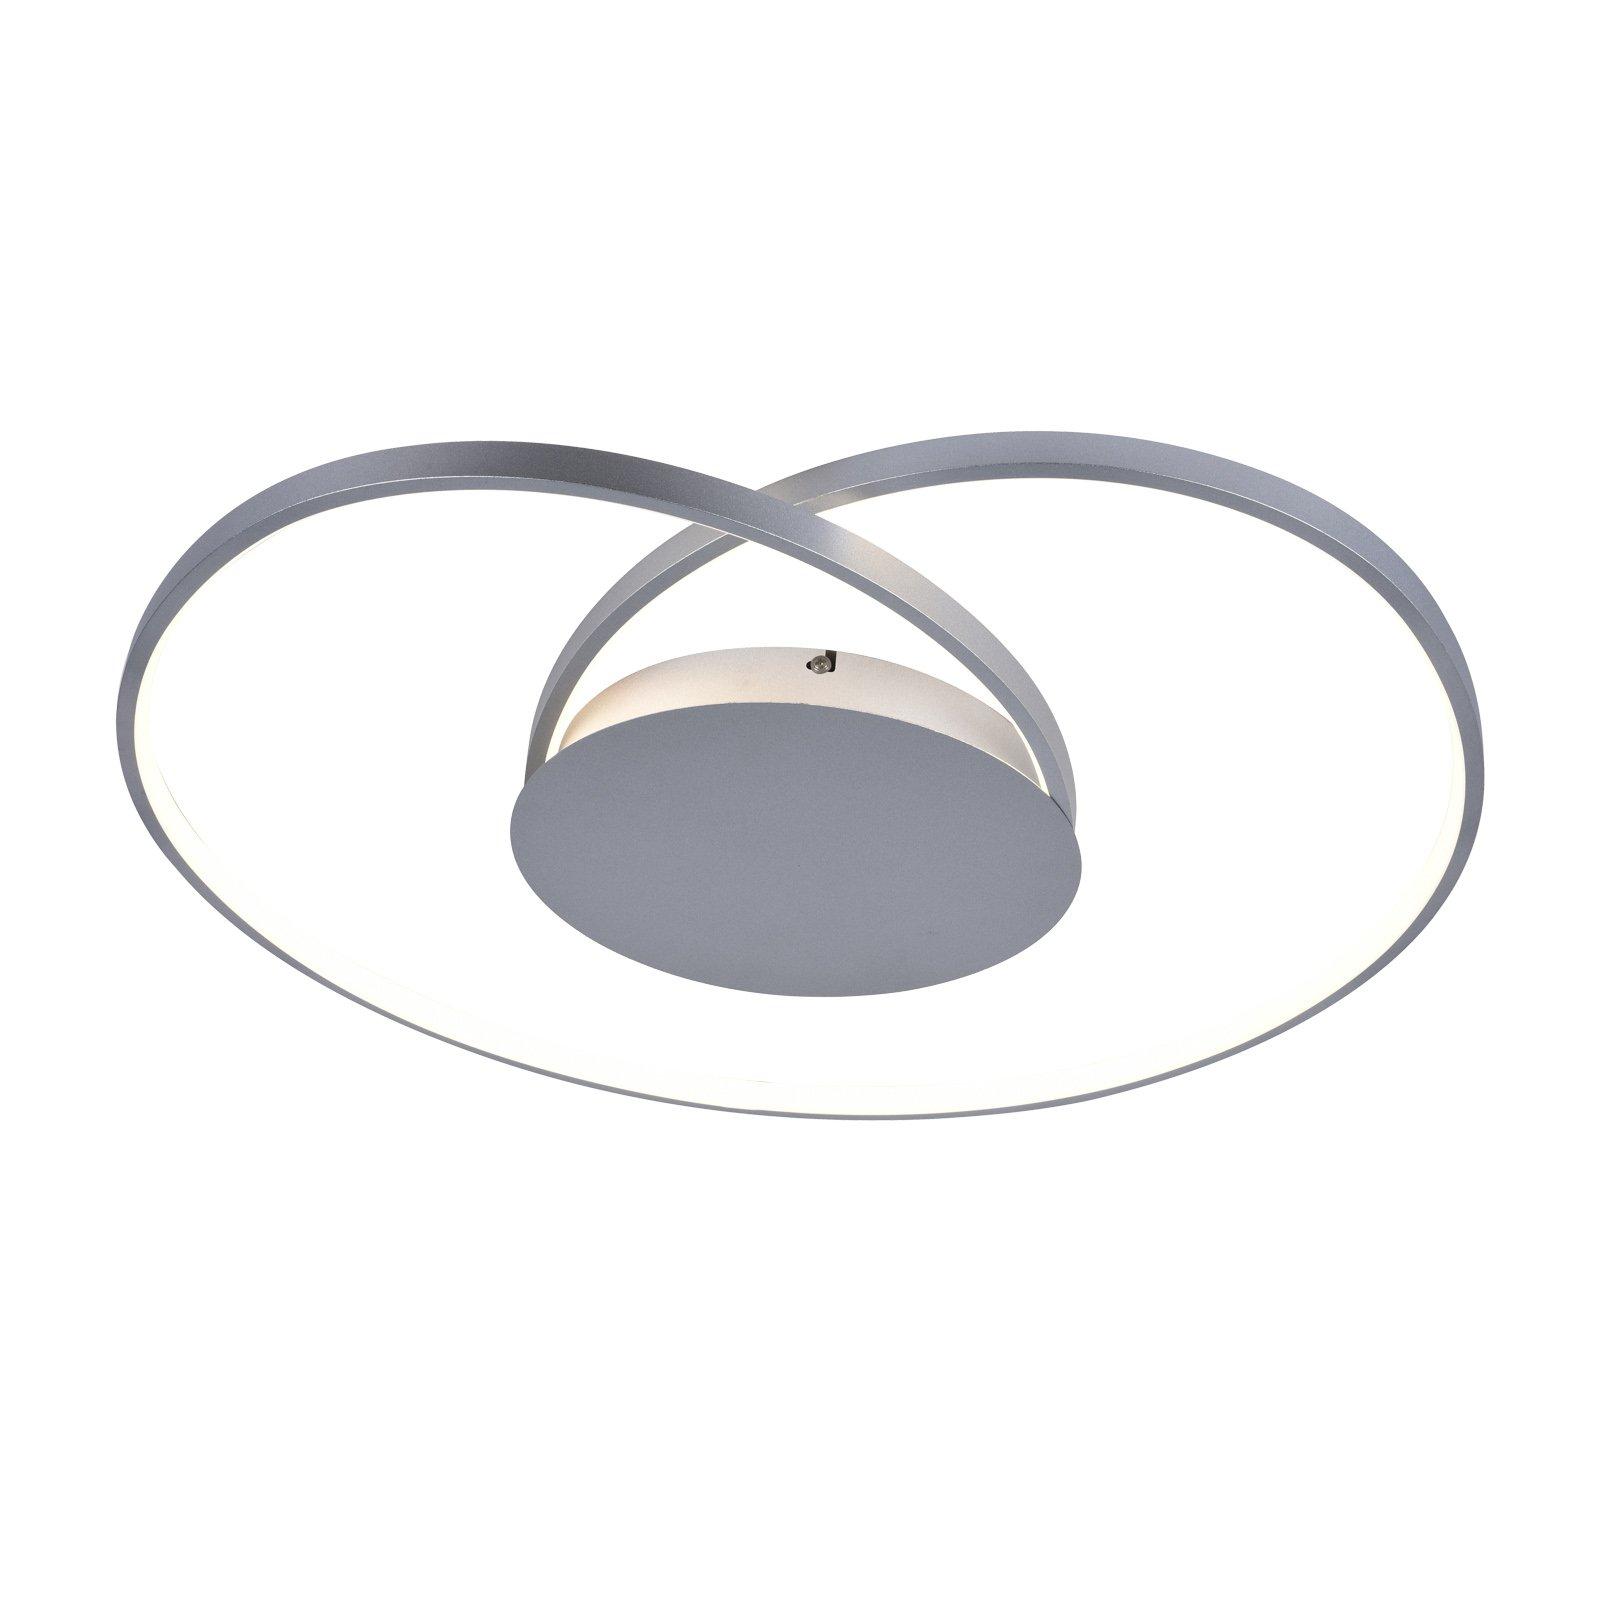 Lucande Enesa LED-taklampe, rund, CCT